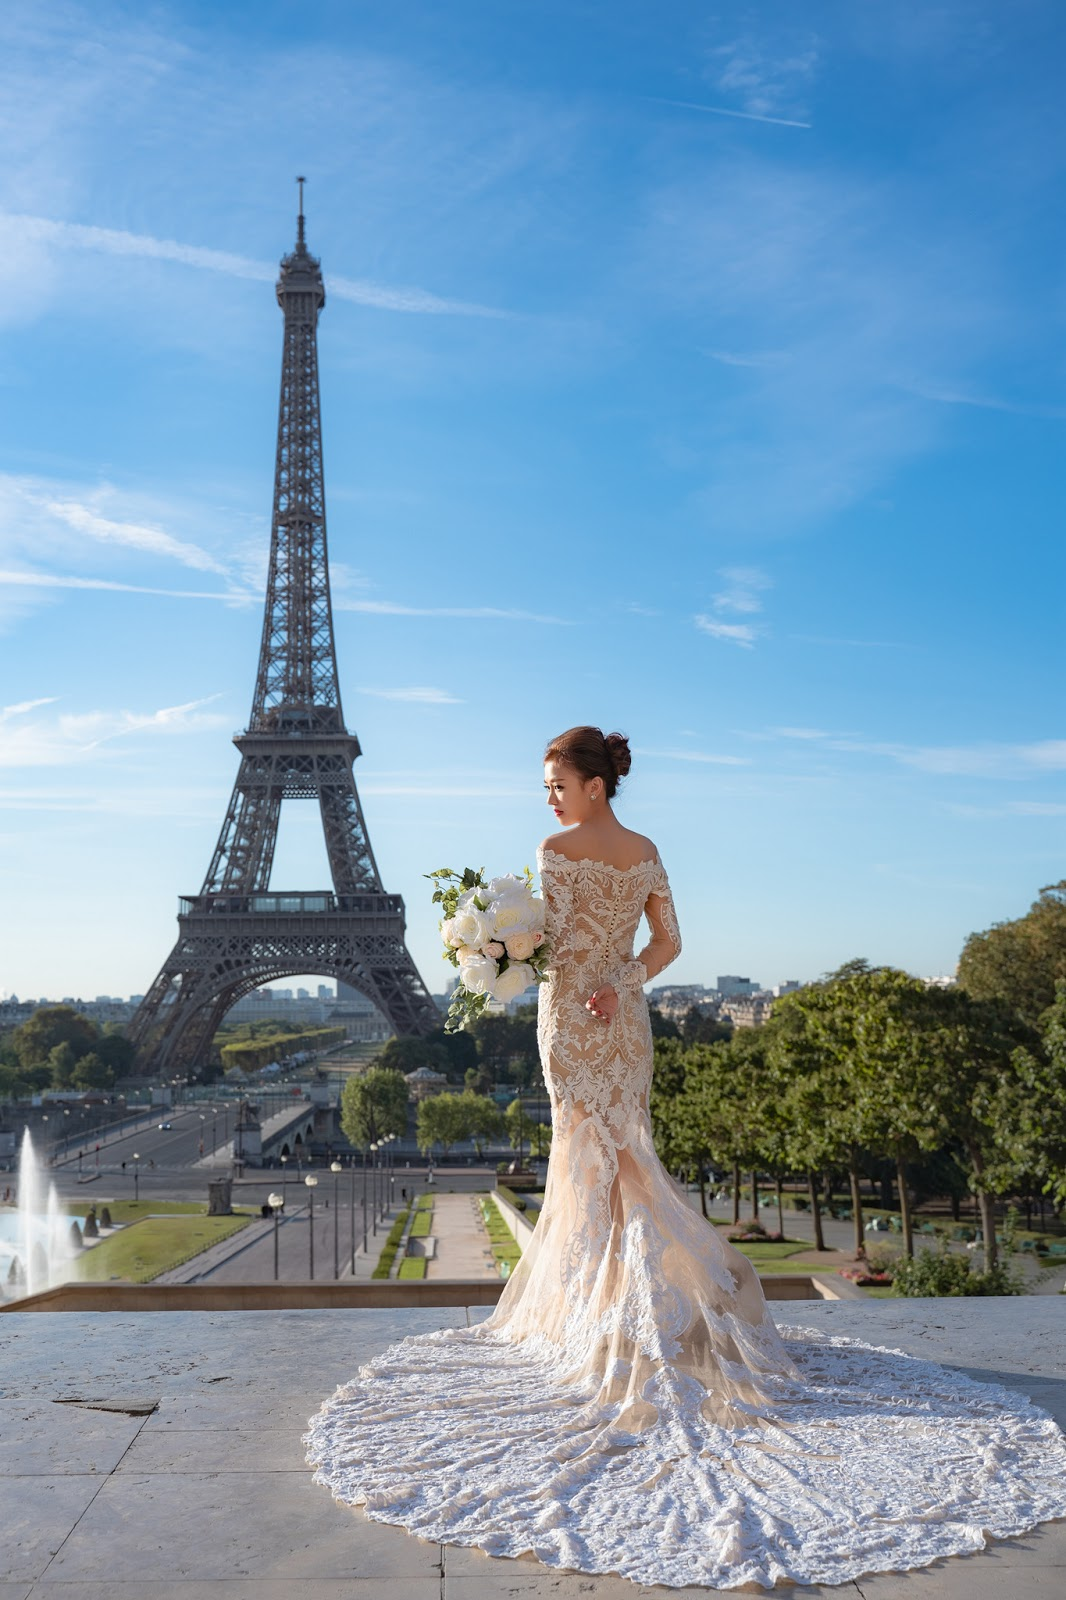 巴黎海外婚紗 羅浮宮 巴黎鐵塔 聖母院 海外婚紗推薦 聖心堂 大推海外婚紗 巴黎夜景 台北婚紗 義大利婚紗 威尼斯婚紗 布拉格婚紗